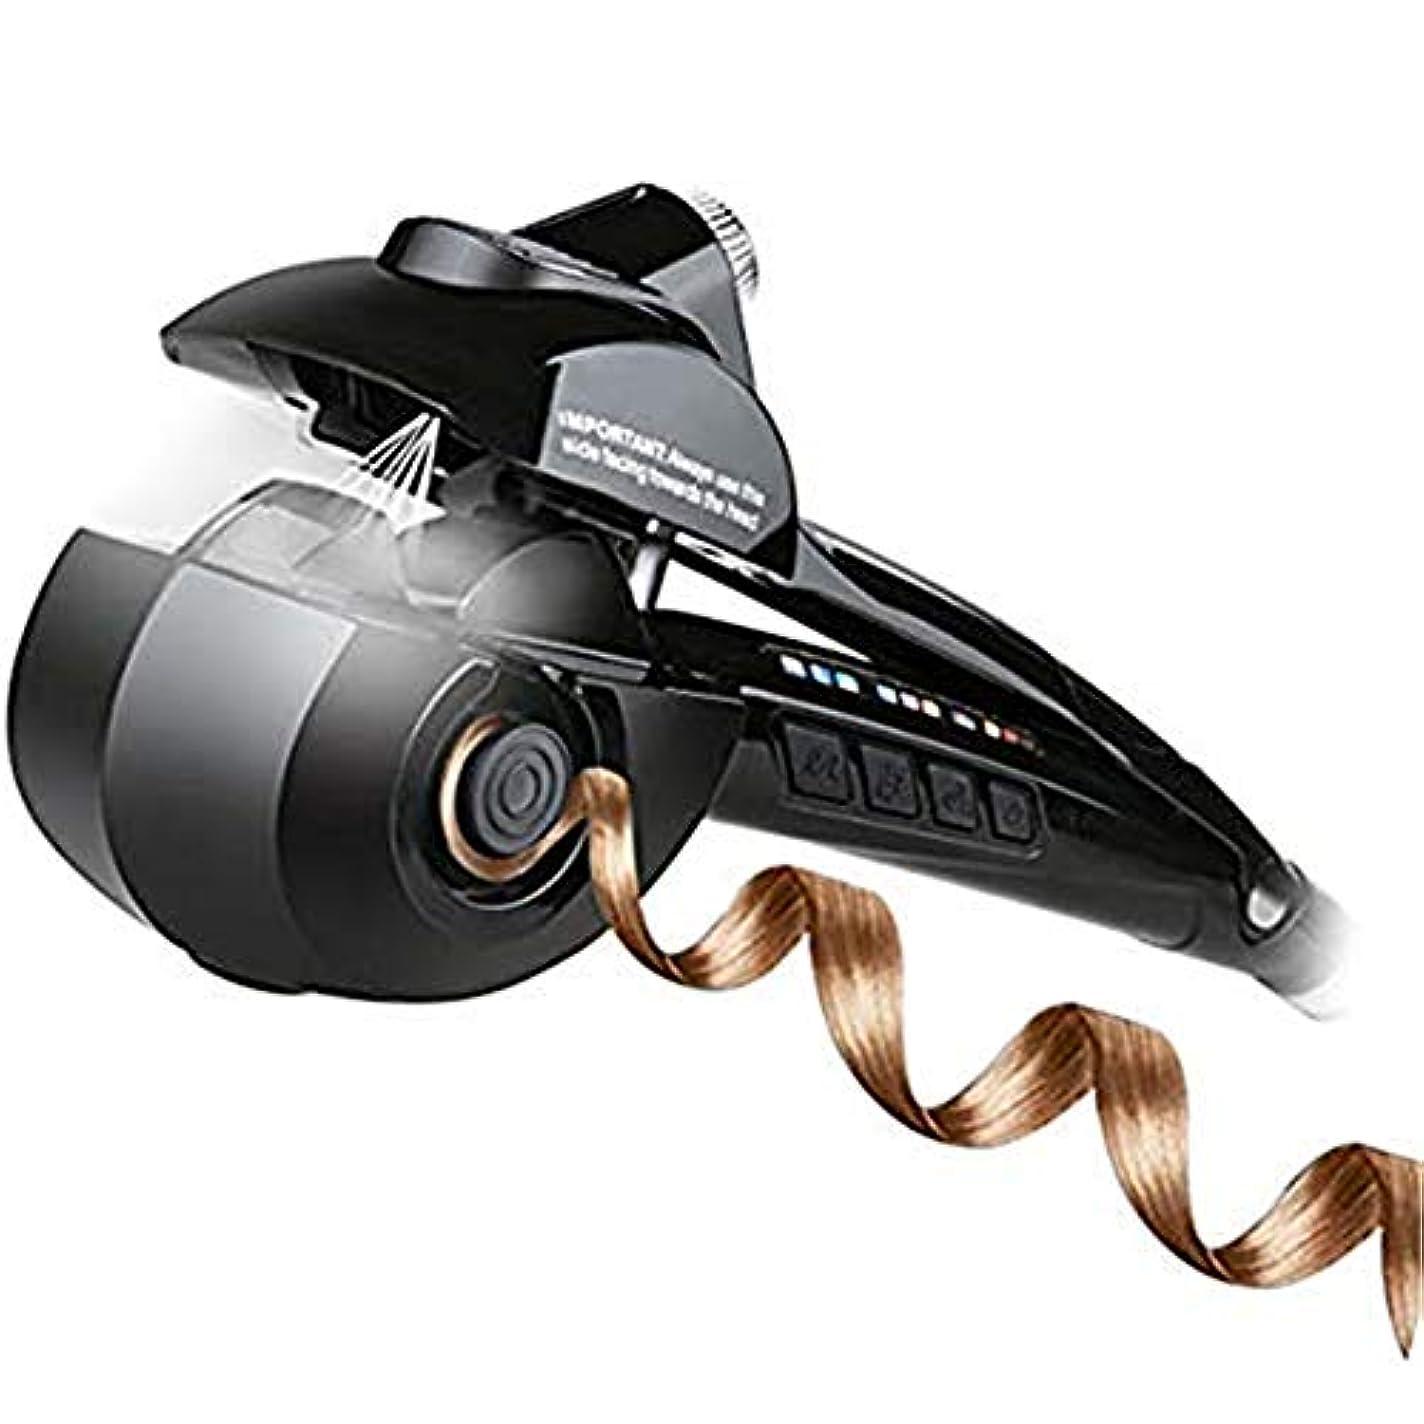 気まぐれな浸す再撮り自動ヘアカーラーセラミックカーリングアイロンプロフェッショナル回転波状ヘアカーラー用ウェットとドライヘア用LEDデジタルディスプレイ